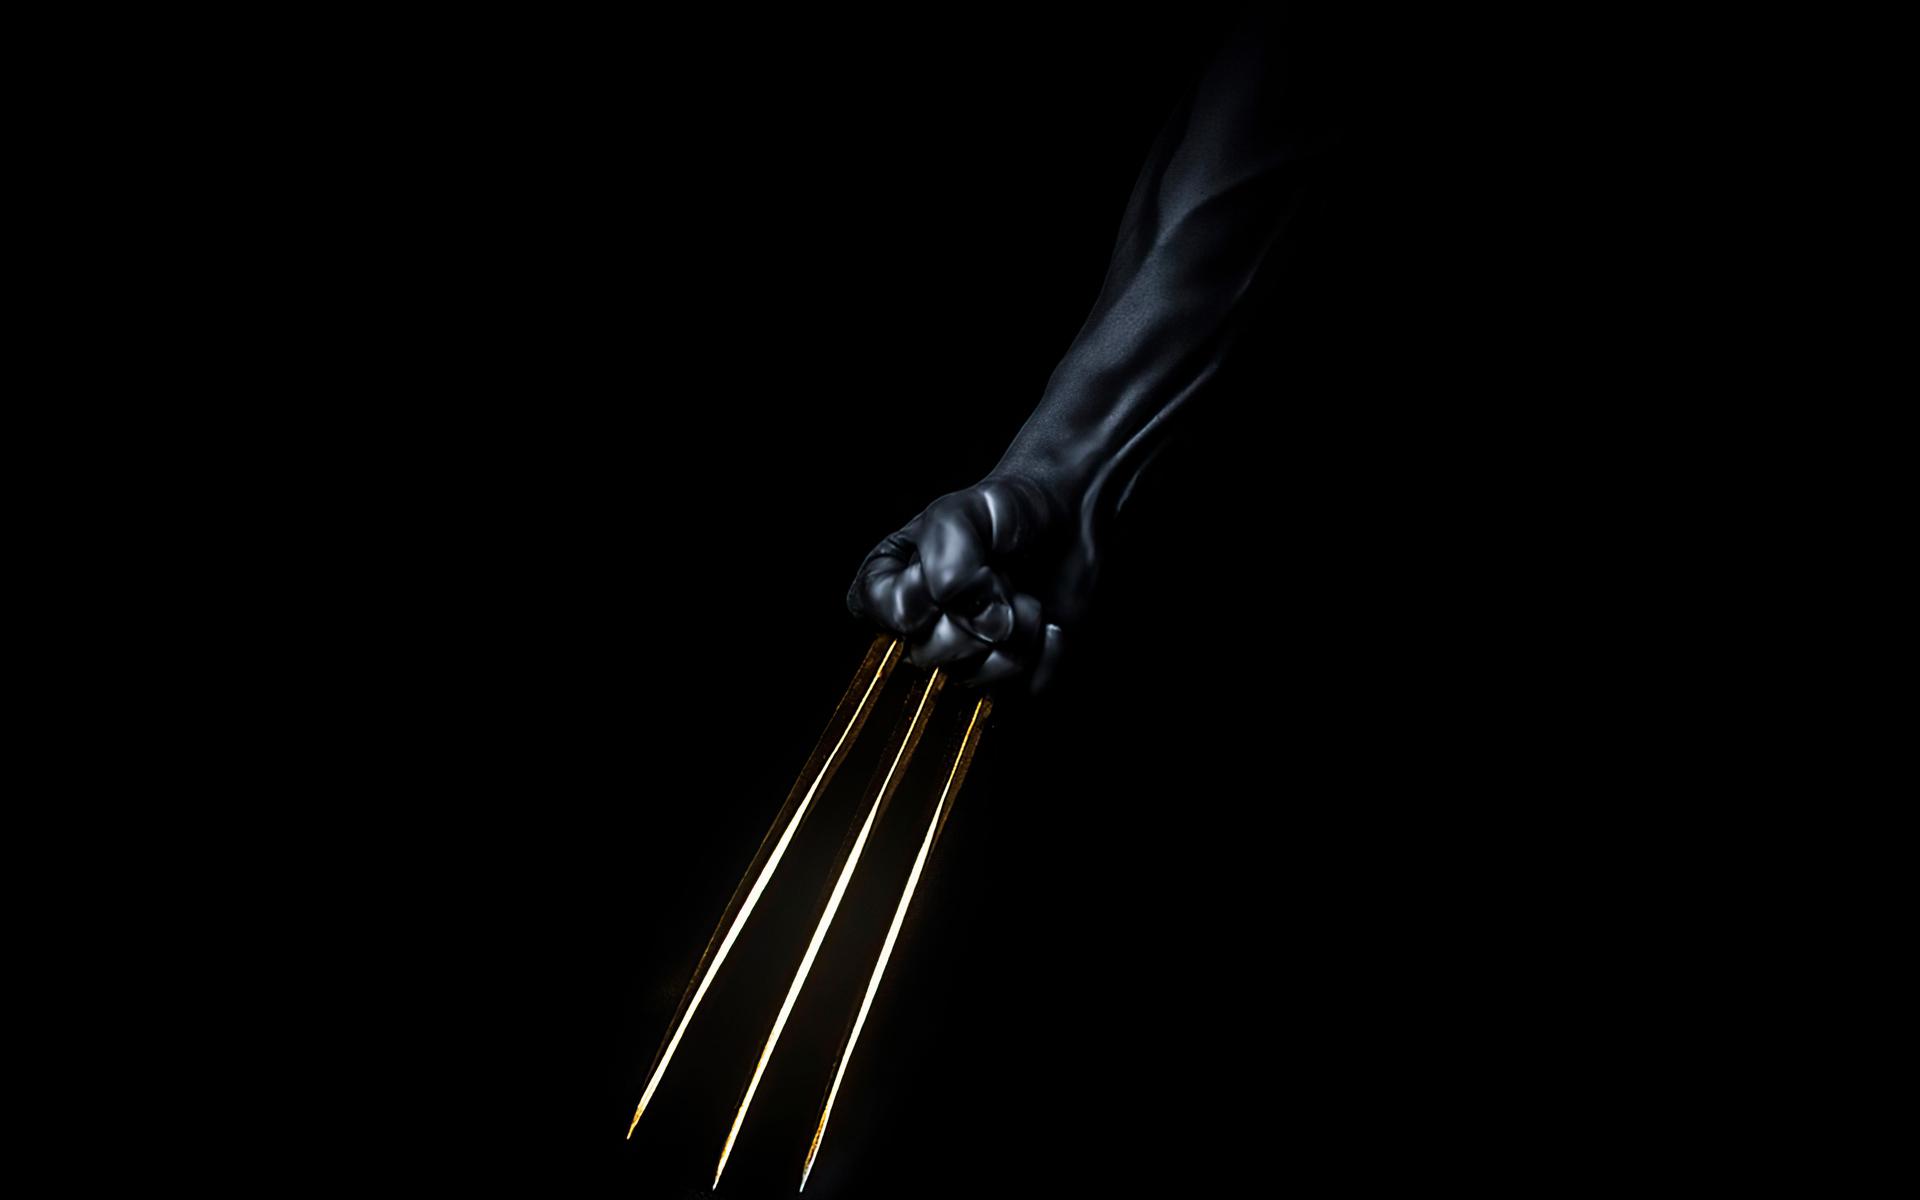 wolverine-gold-claws-dark-minimal-5k-lo.jpg